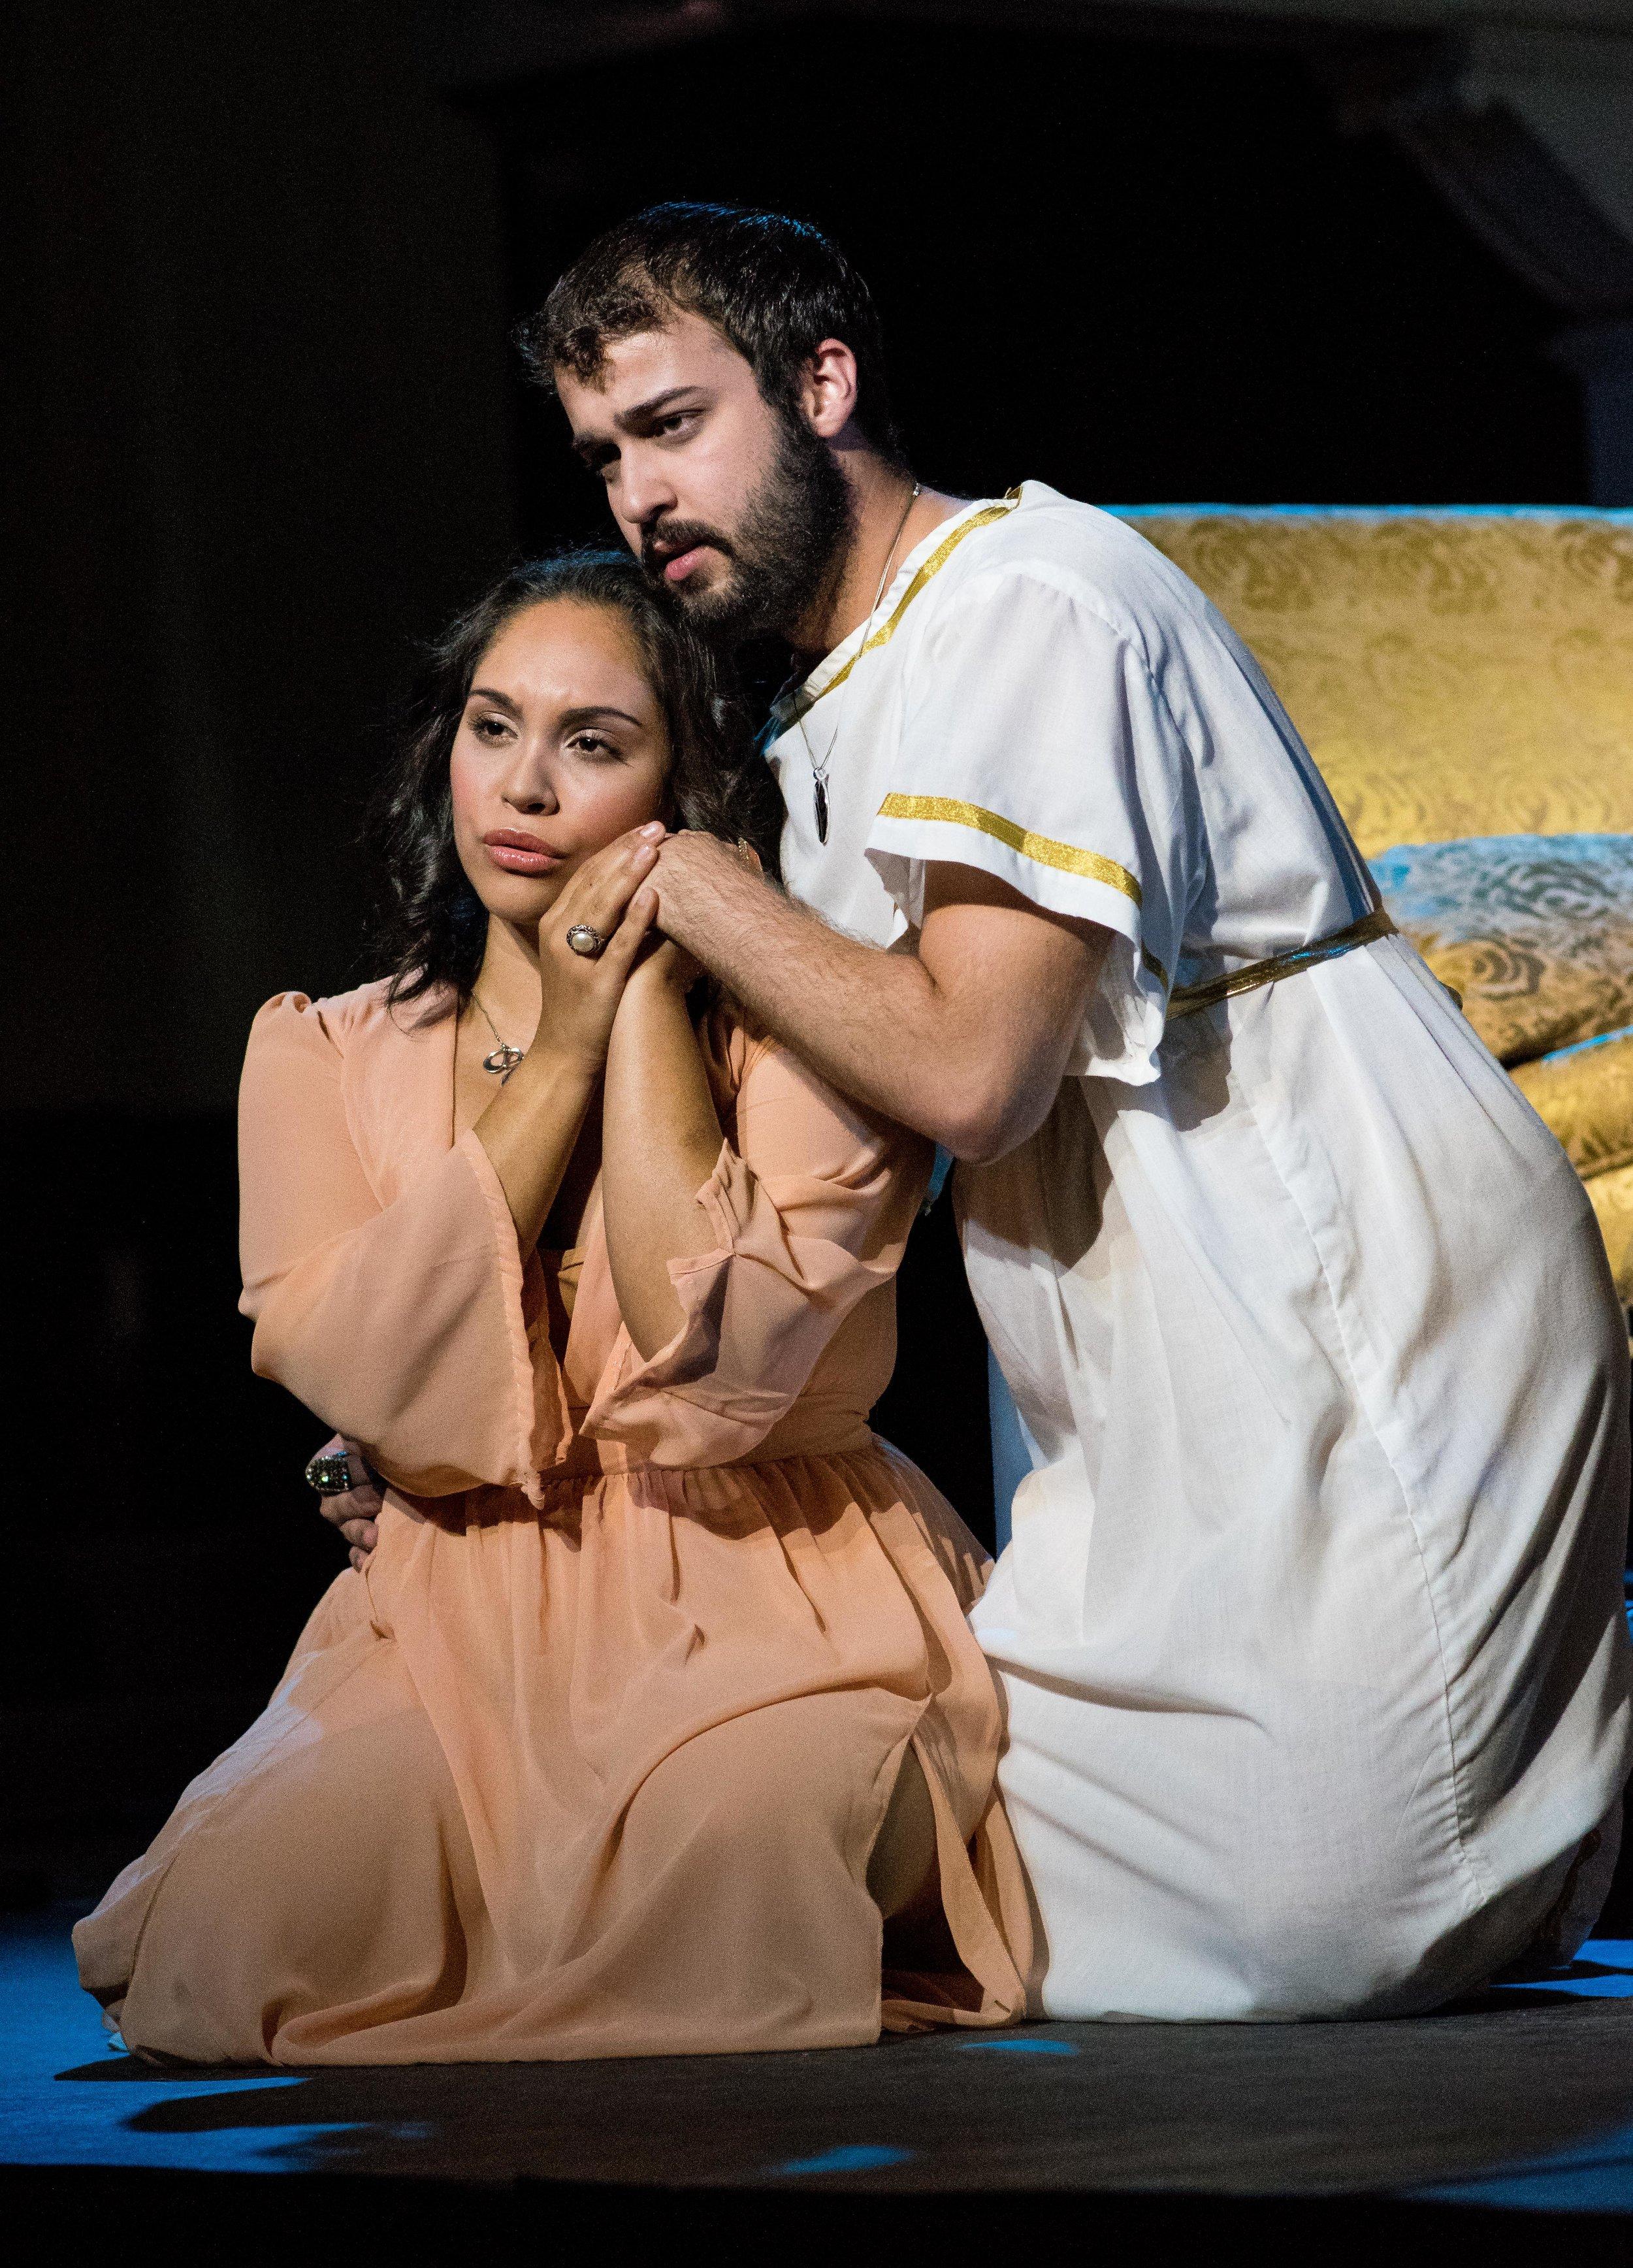 2017_11_05 Stetson_Opera Poppea_Full Res_032-2.jpg